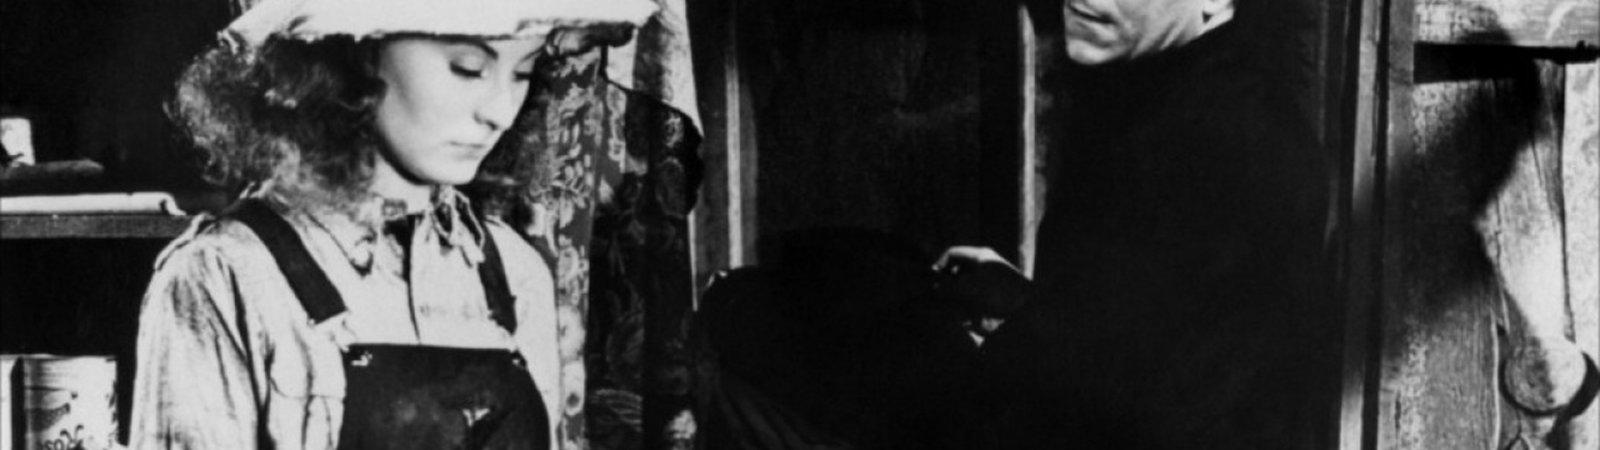 Photo dernier film Maurice Gleize